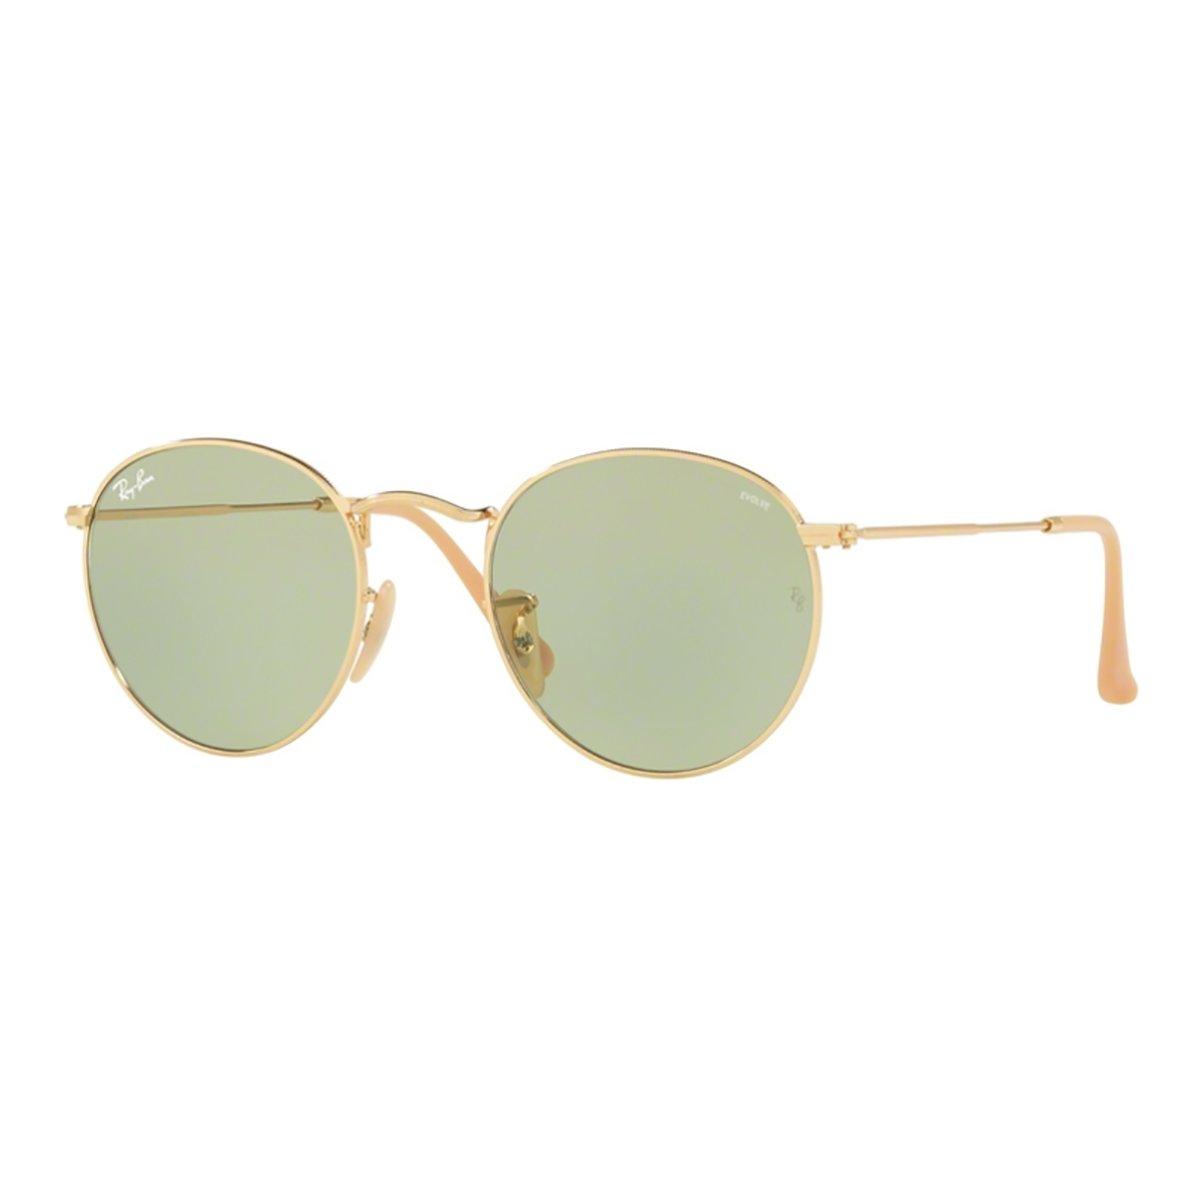 7d8aec4f6d23a Compre Óculos de Sol Ray Ban Round Metal em 10X   Tri-Jóia Shop